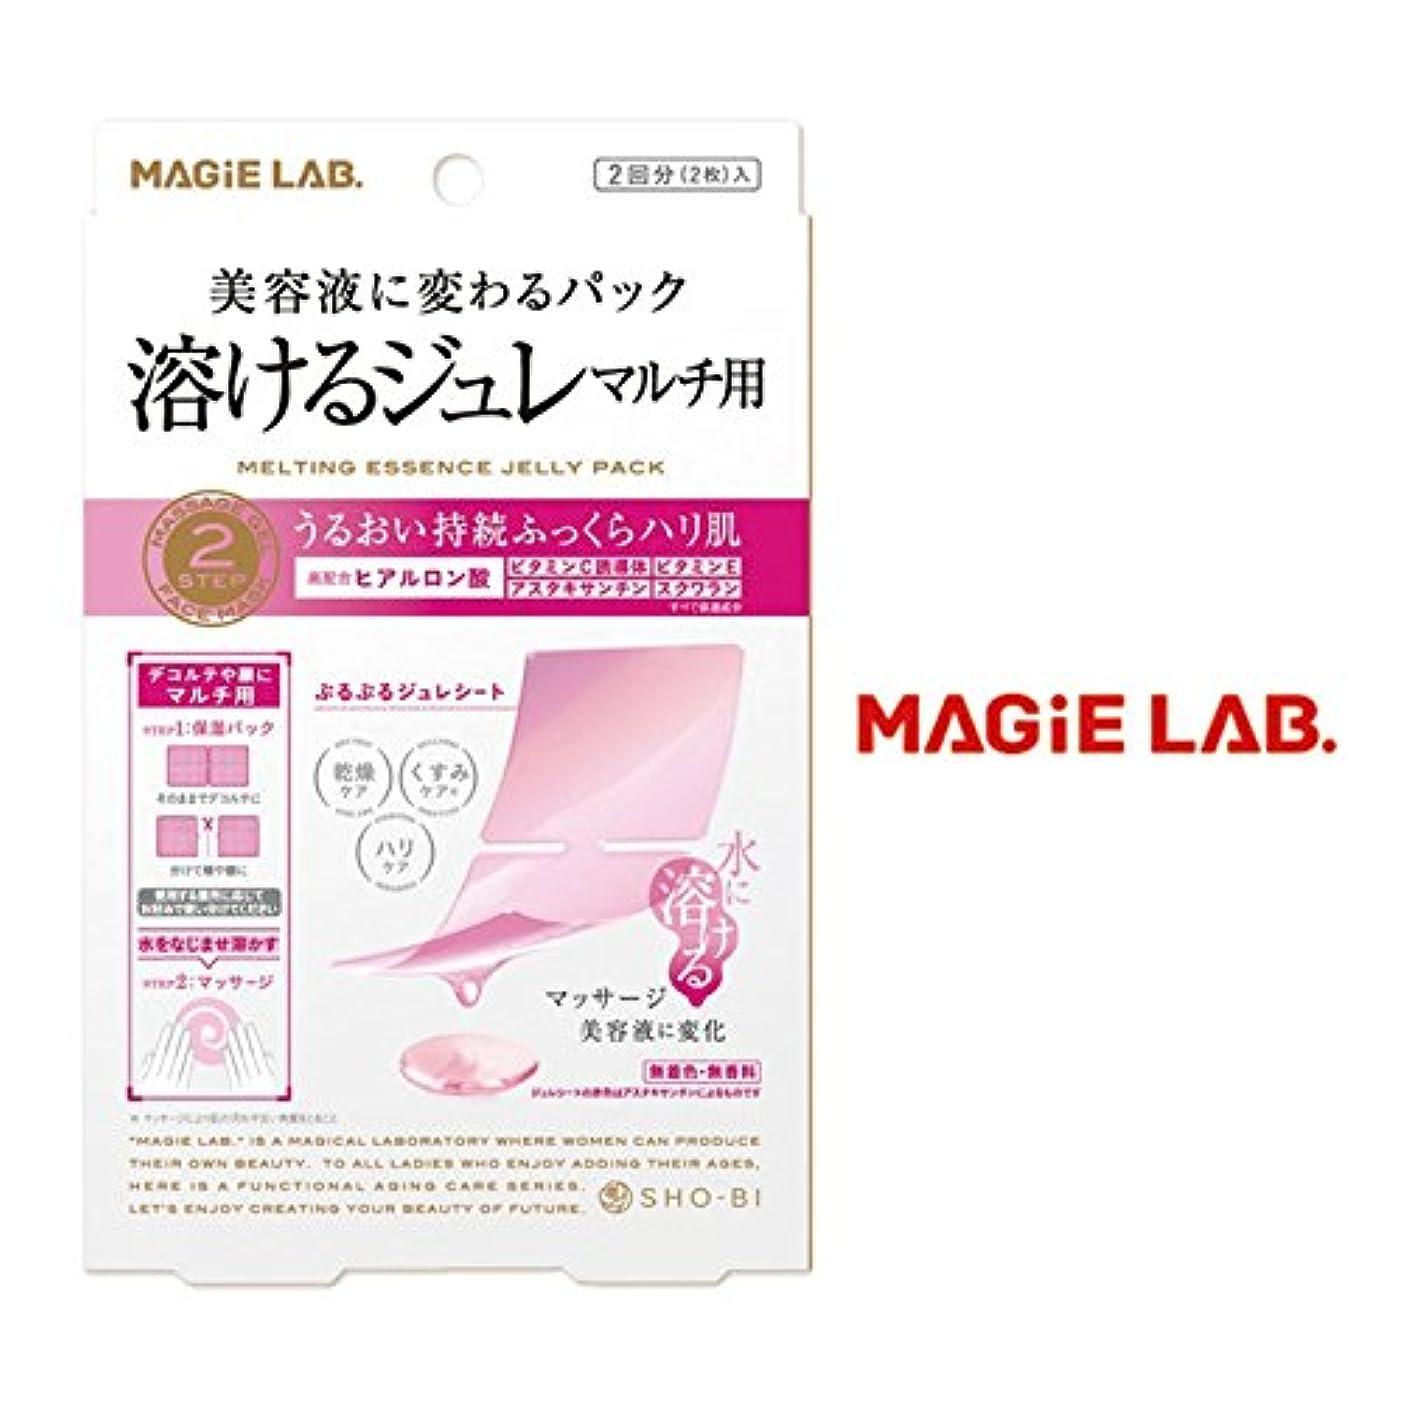 葡萄成長再生可能MAGiE LAB.溶けるジュレ マルチ用2回分(2枚)入 MG22103